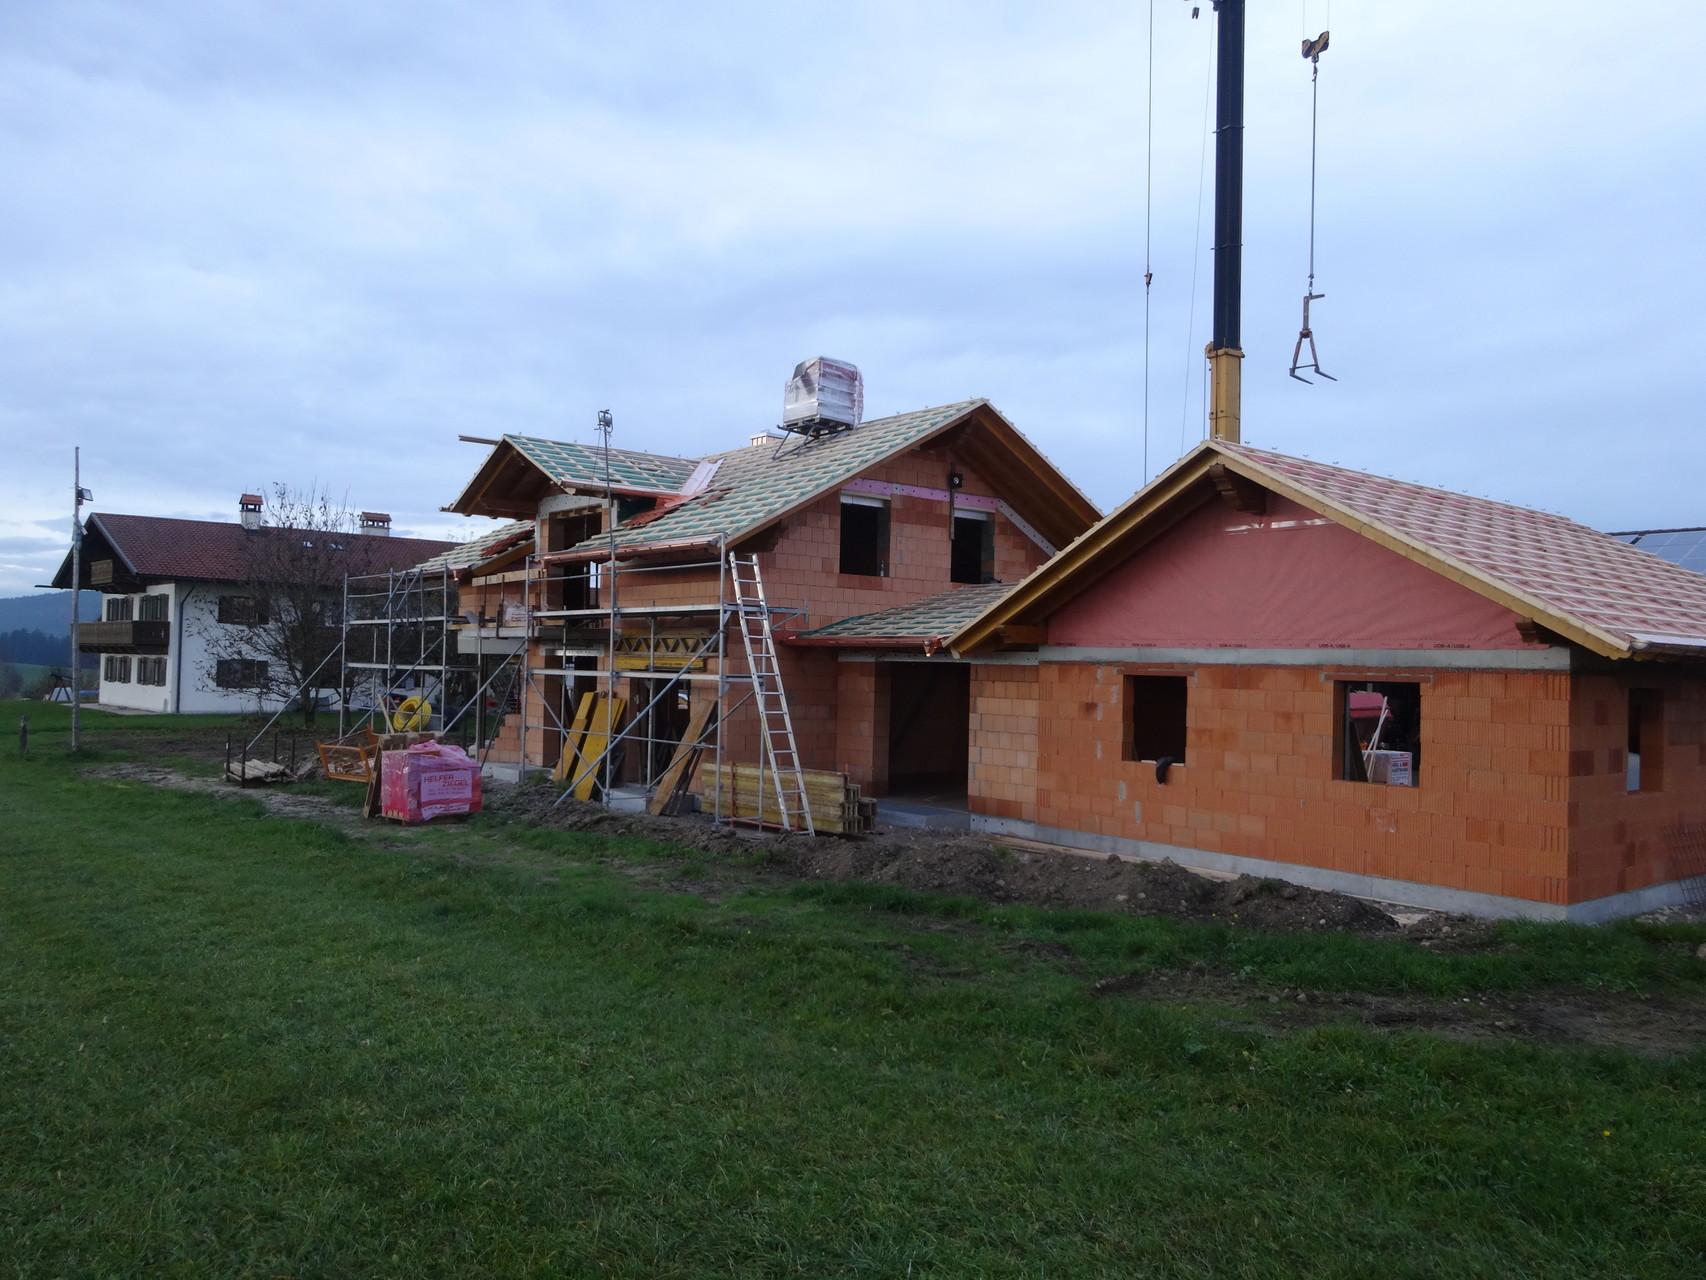 Spenglerarbeiten im Rahmen des Neubaus eines Einfamilienhauses